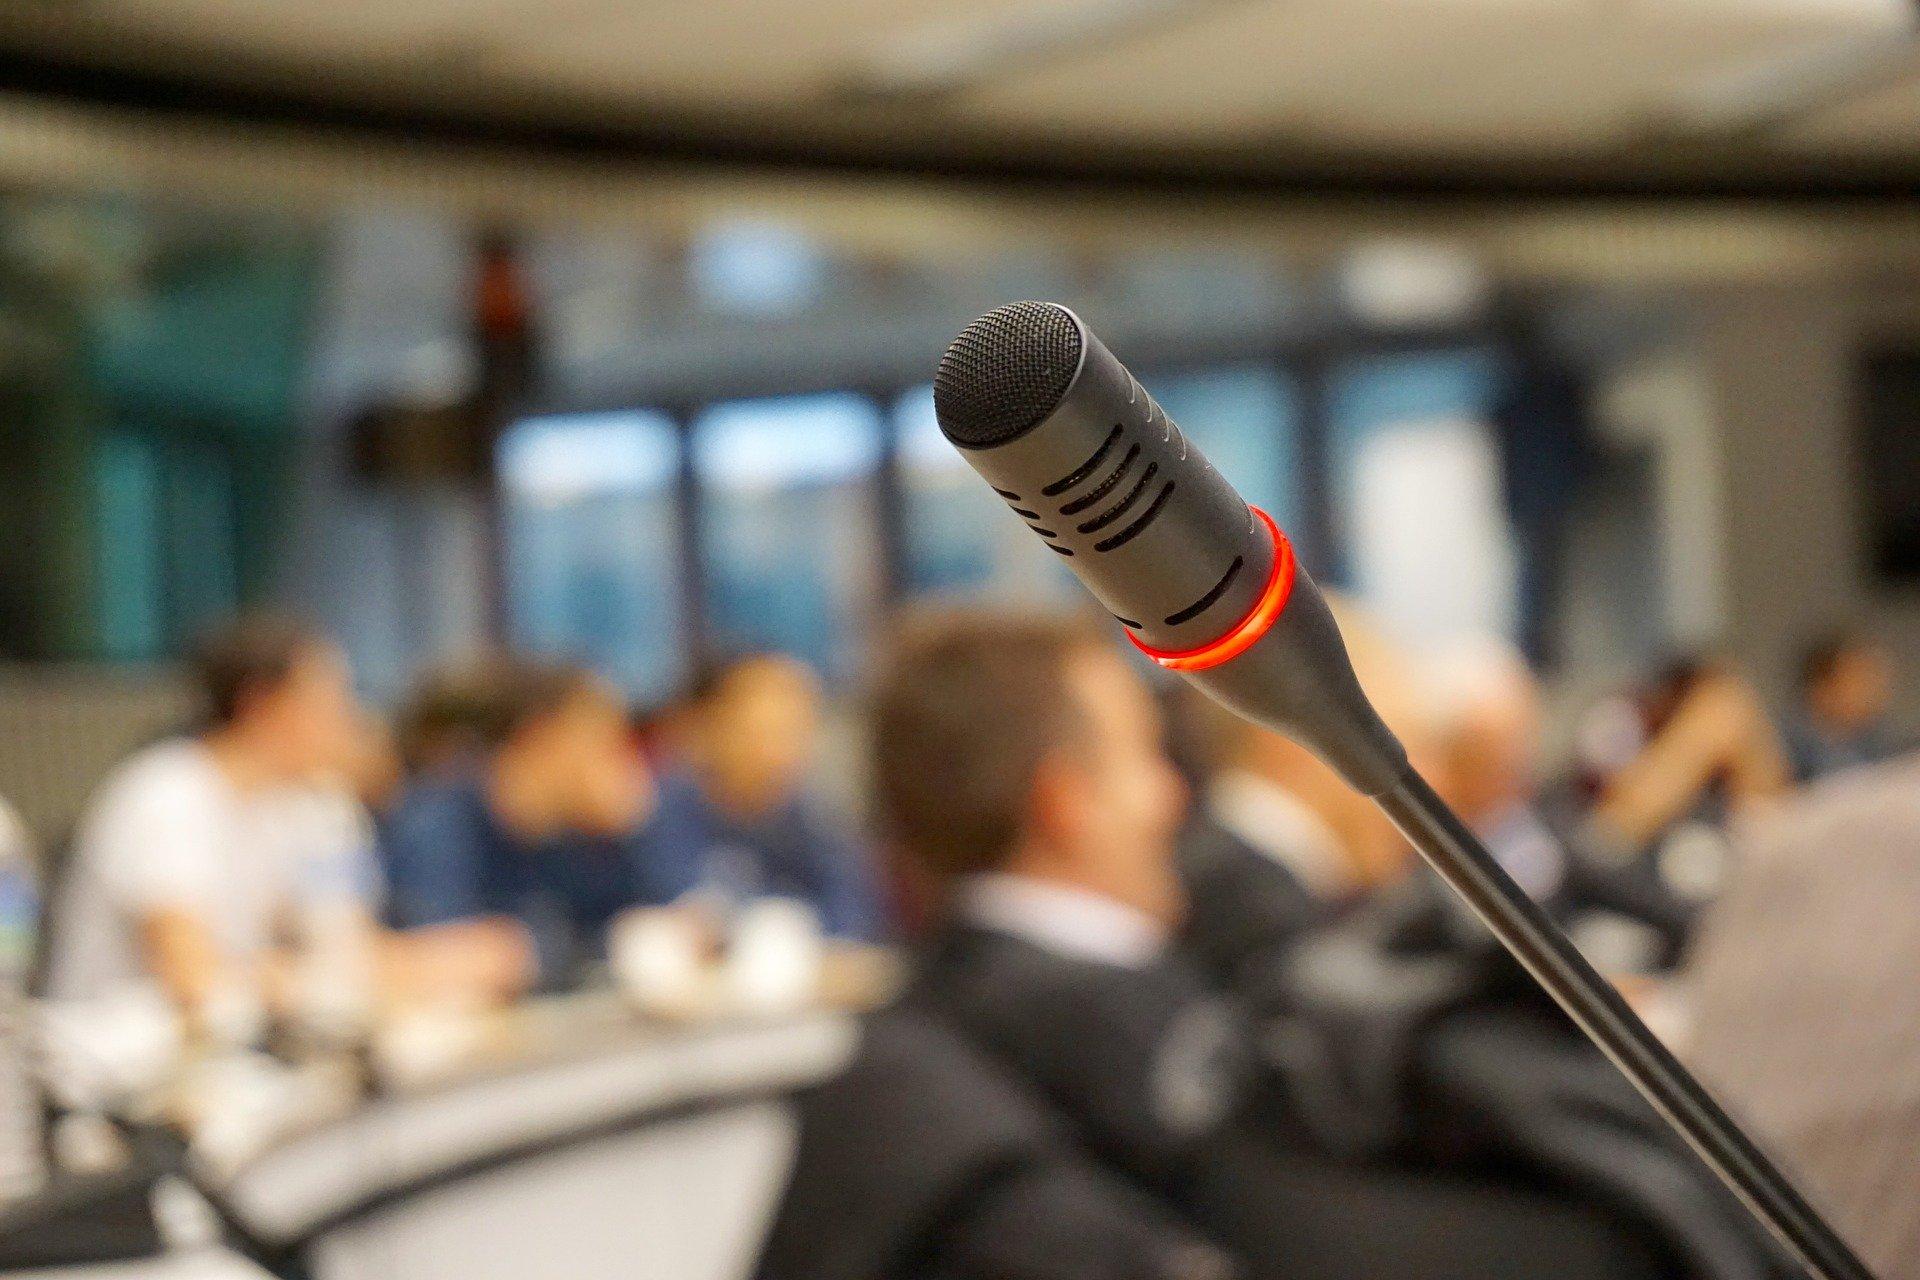 La communication orale m'a redonné confiance en ma voix